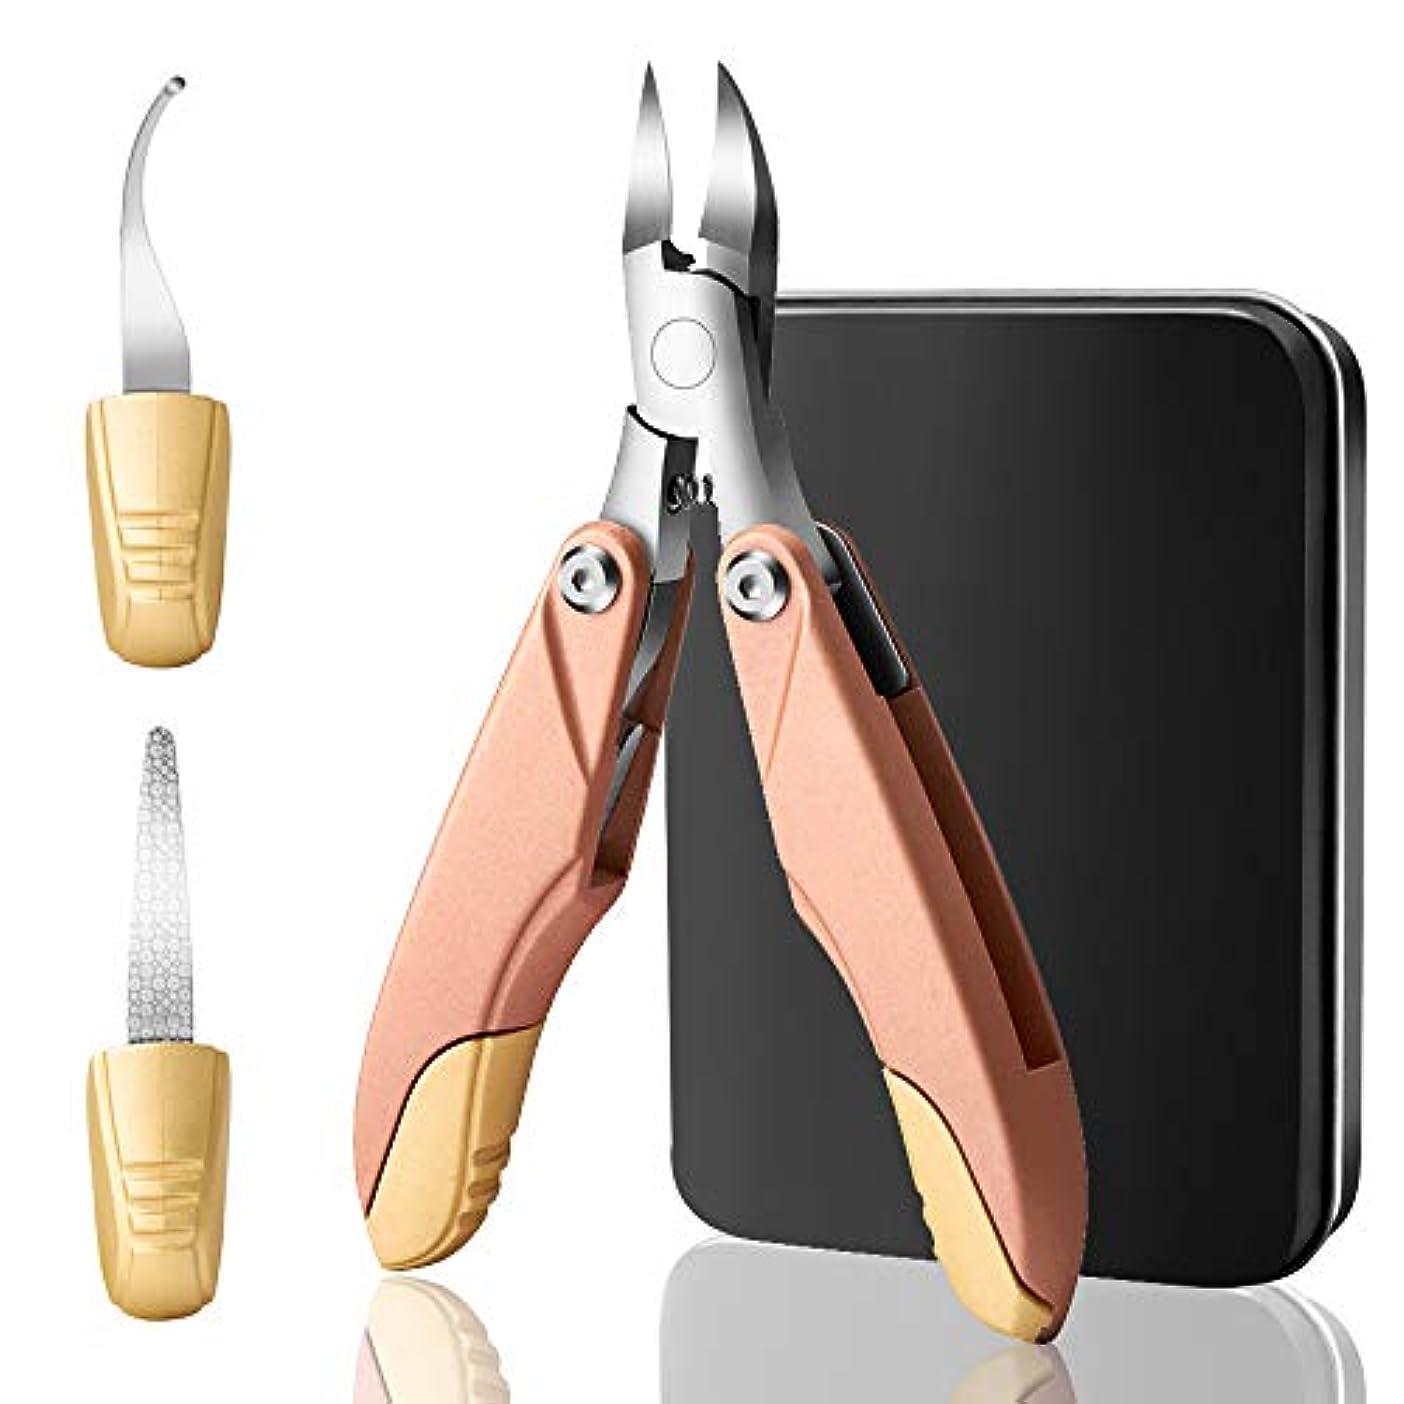 インディカ洞窟剣YunTech 爪切り3in1 ニッパー爪切り ステンレス製 折り畳み式 巻き爪 硬い爪などにも対応 ゾンデ/爪やすり付き 手足兼用 収納ケース付き (ローズゴールド)